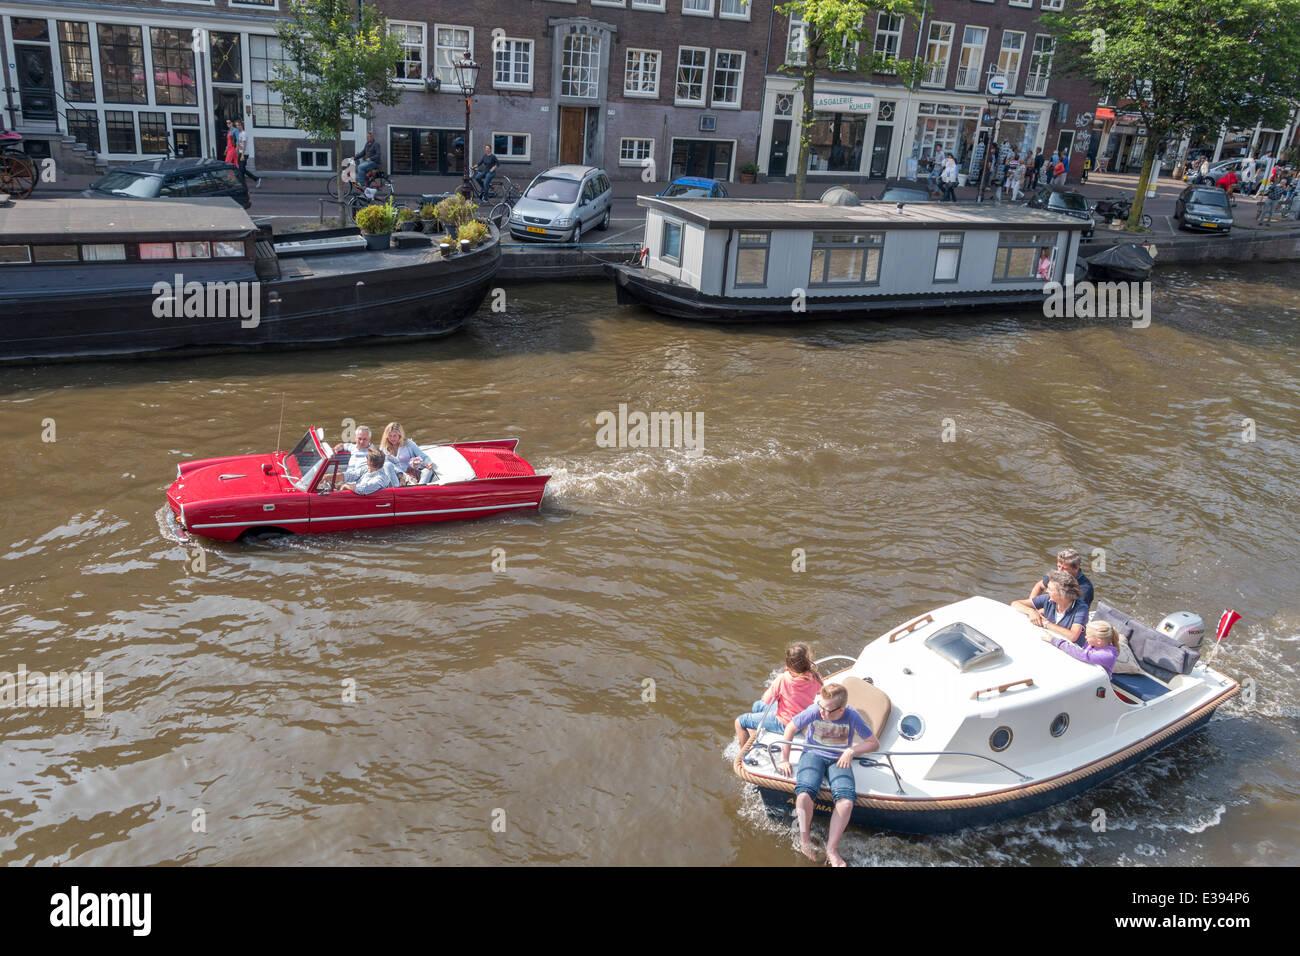 Amphicat for sale amphibious atv pictures - Vintage Amphicar 770 In The Prinsengracht An Amsterdam Canal Amphibious Auto Water Car